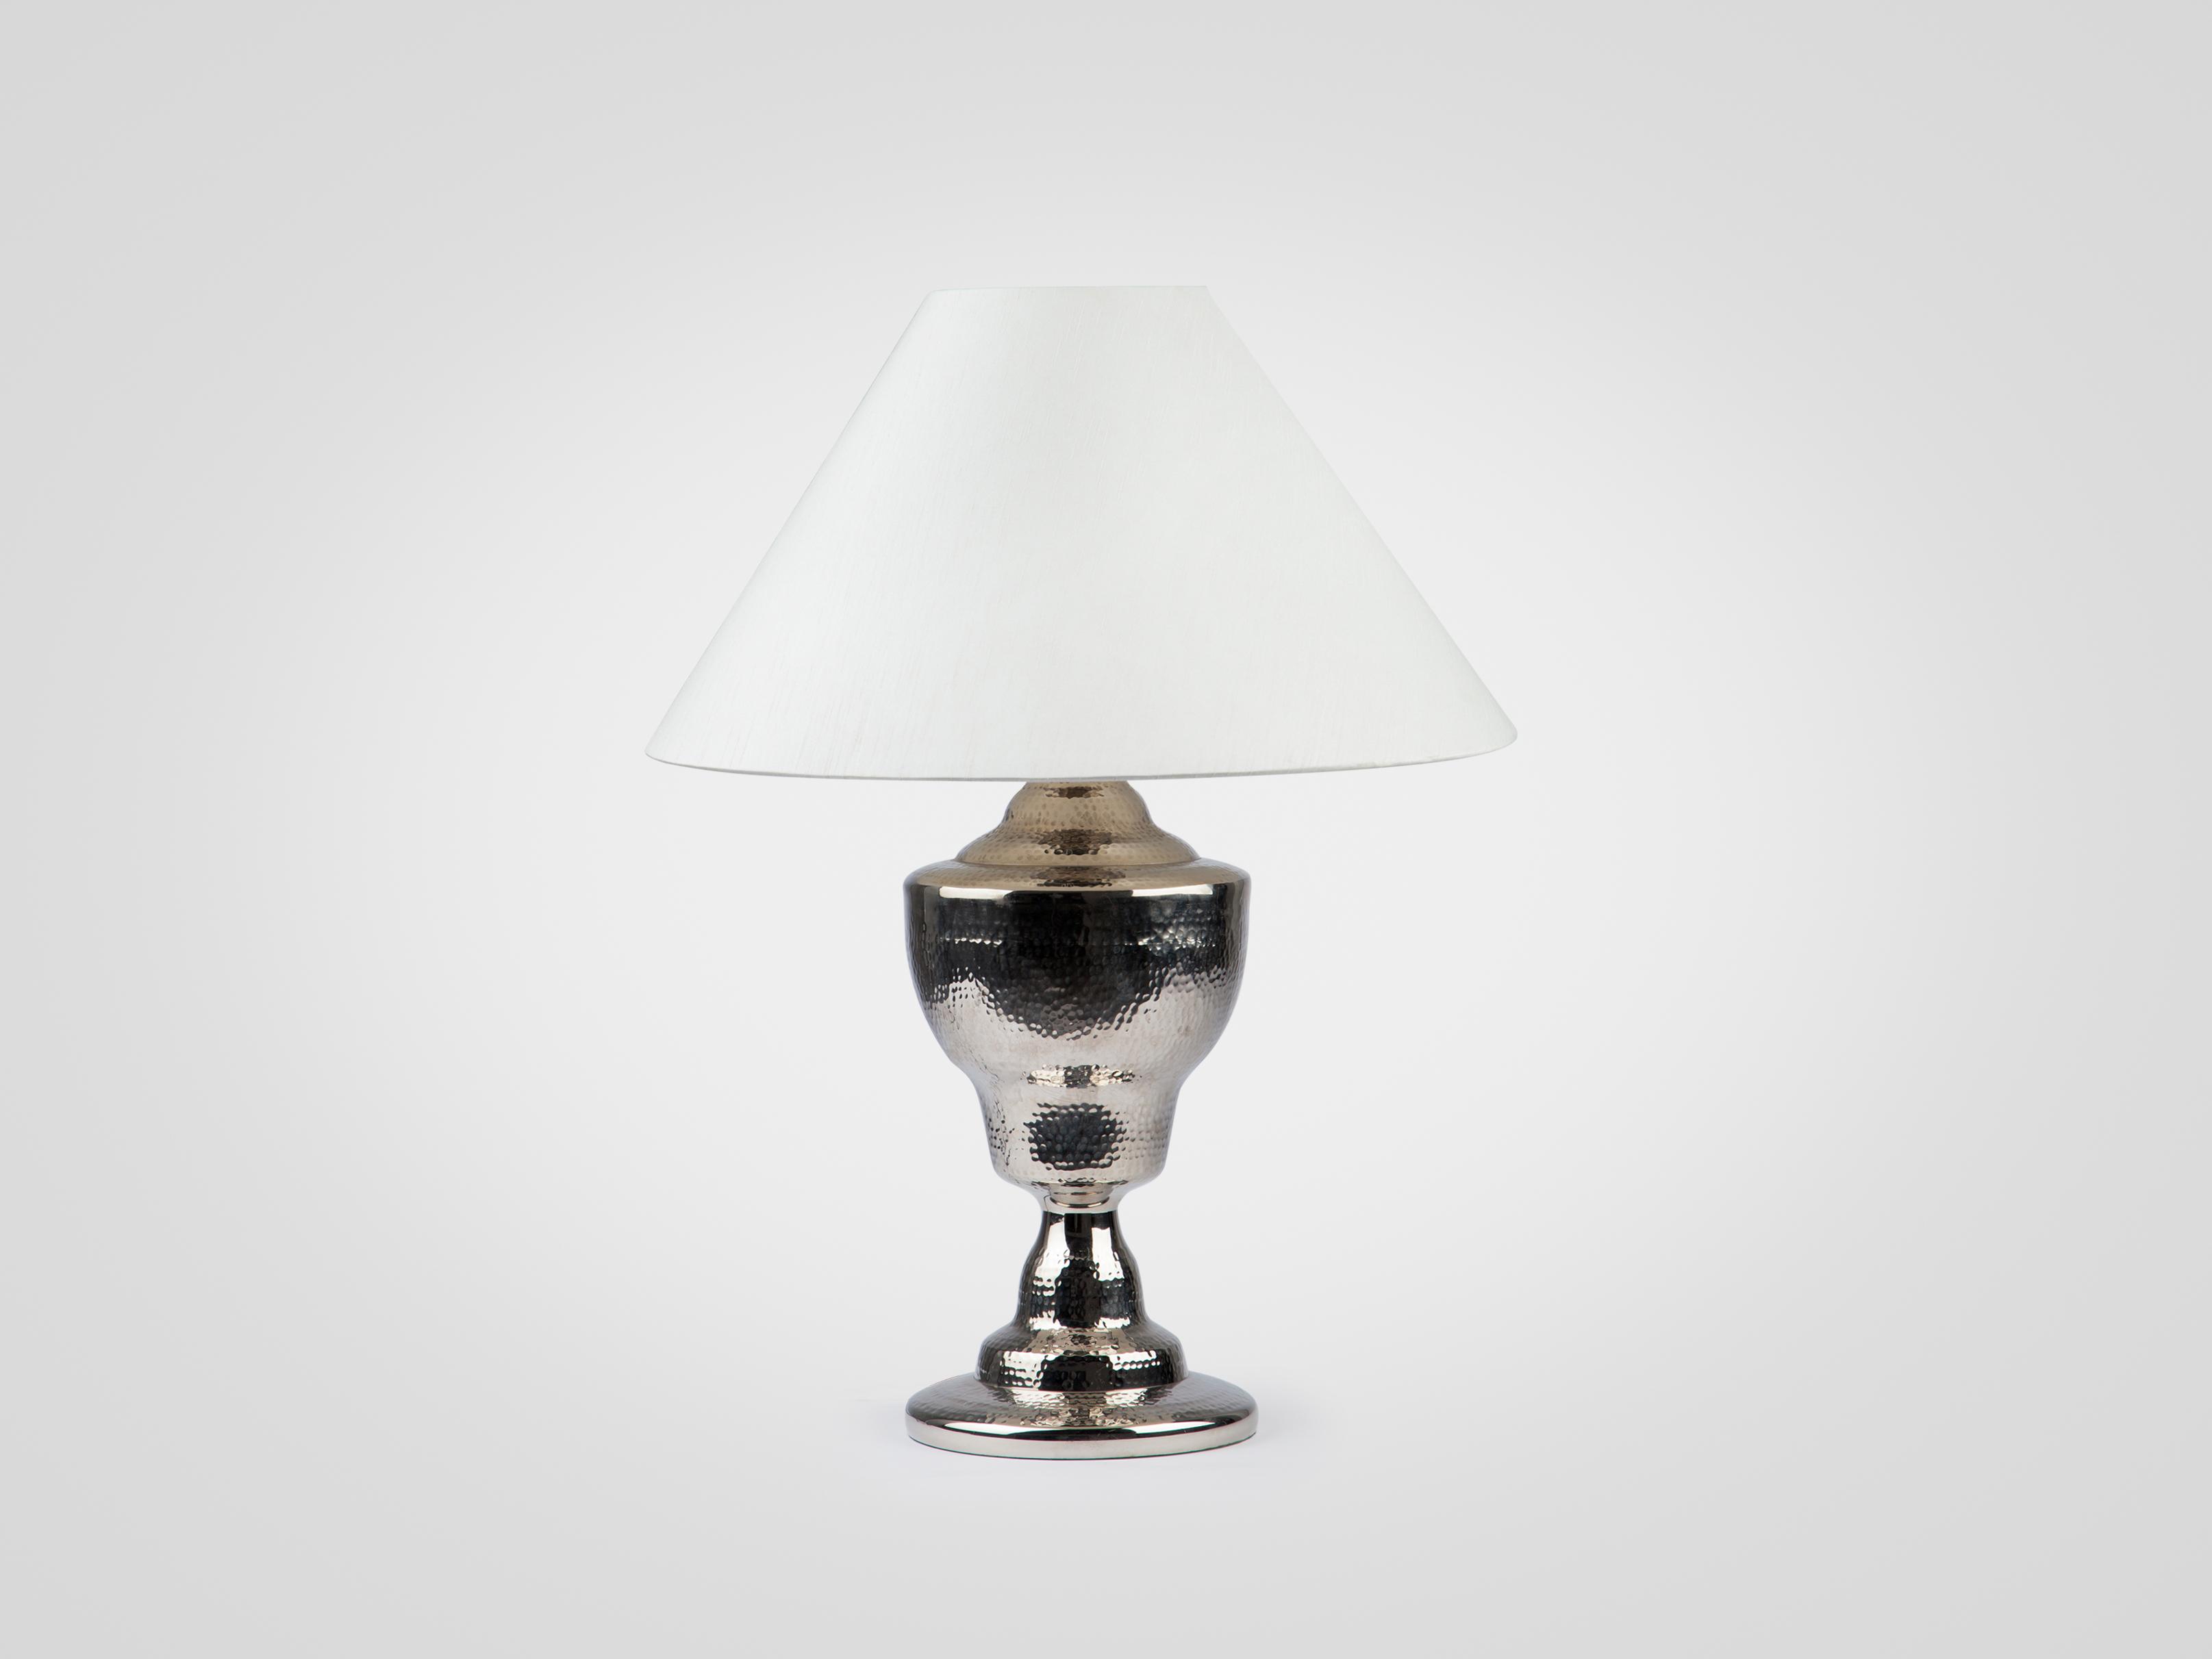 Купить Лампа настольная на серебристой ножке из металла с белым абажуром, inmyroom, Филиппины